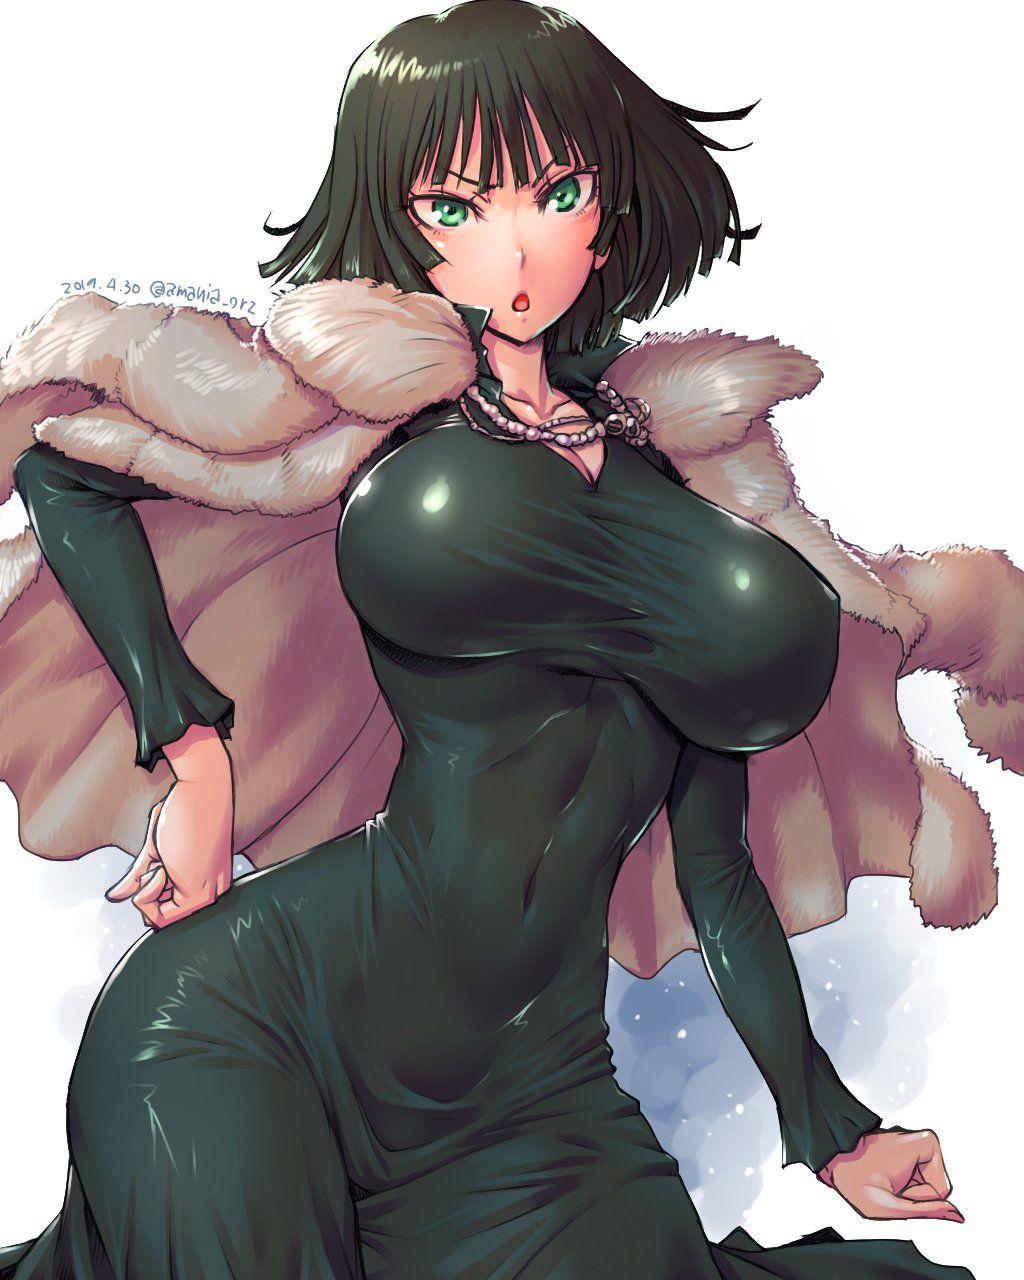 fubuki_(one-punch_man)004